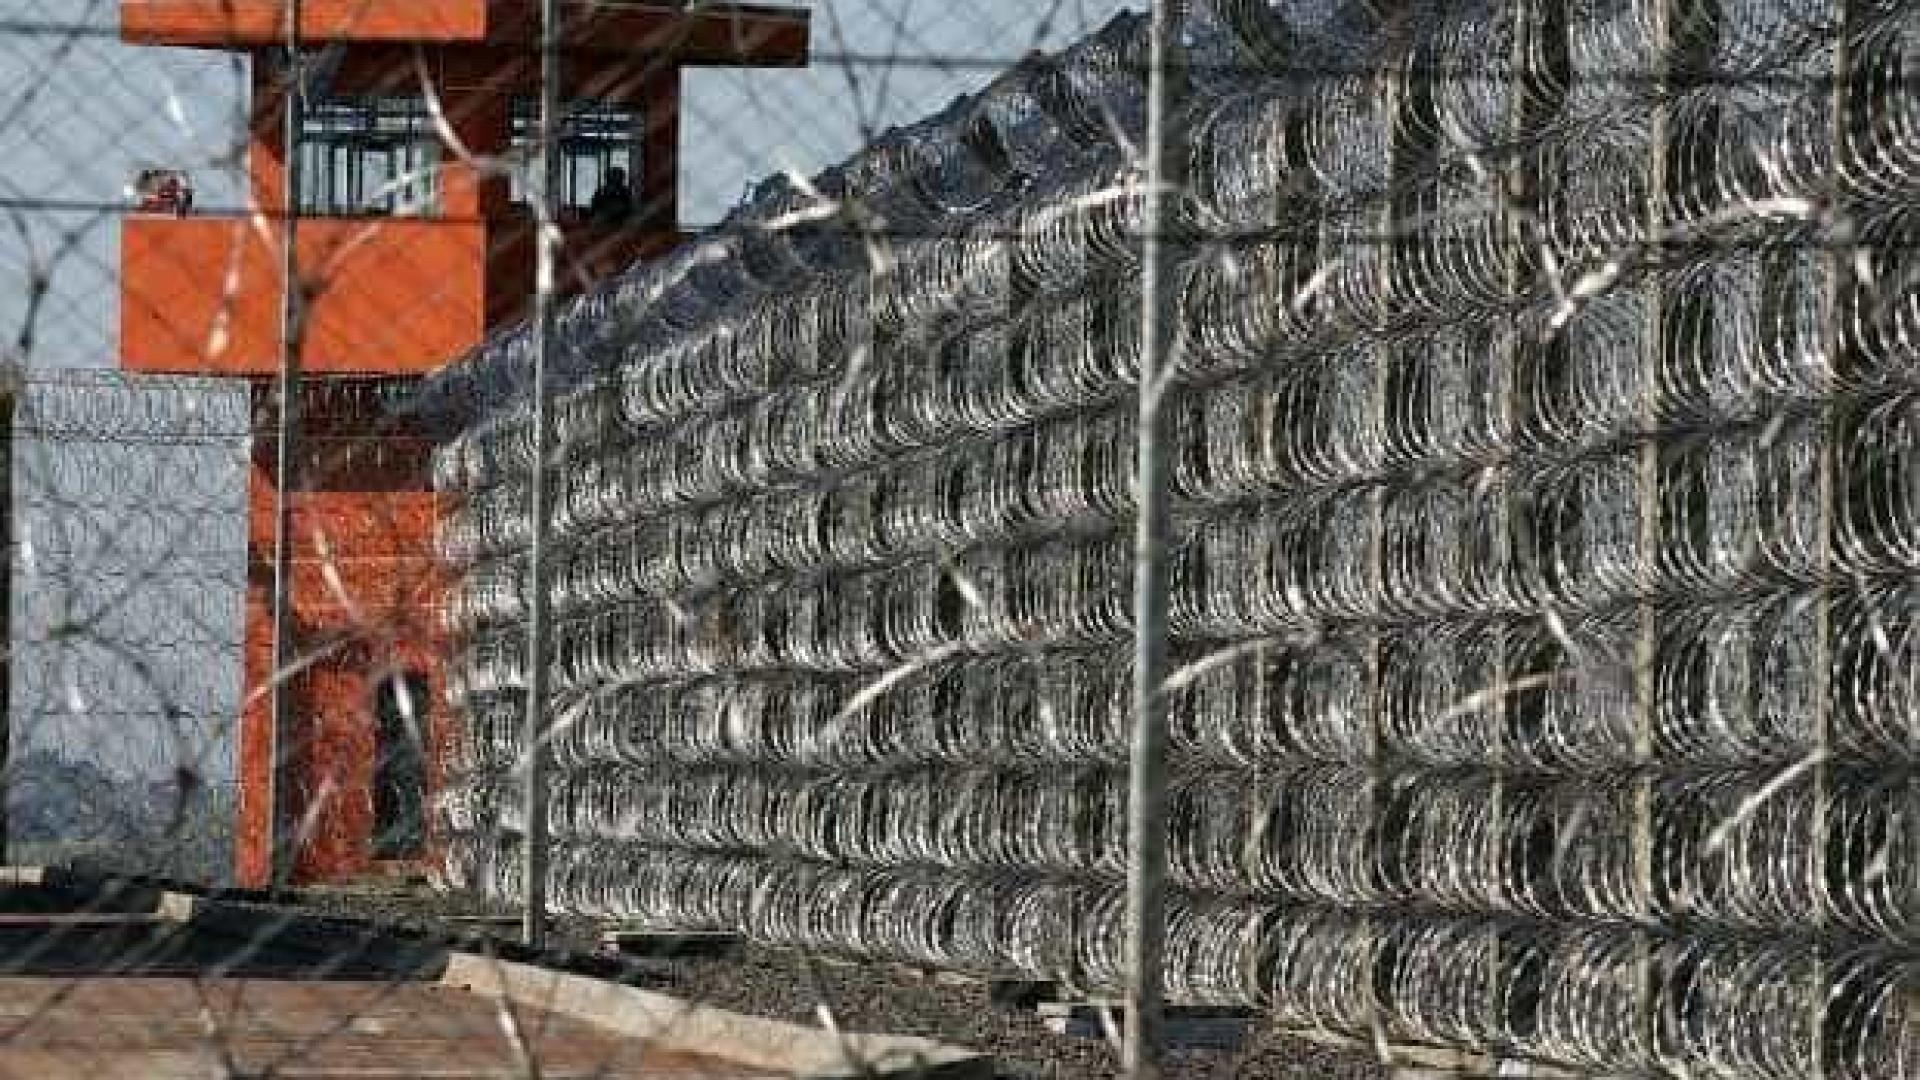 Presídios federais de segurança máxima  reúnem 25 facções